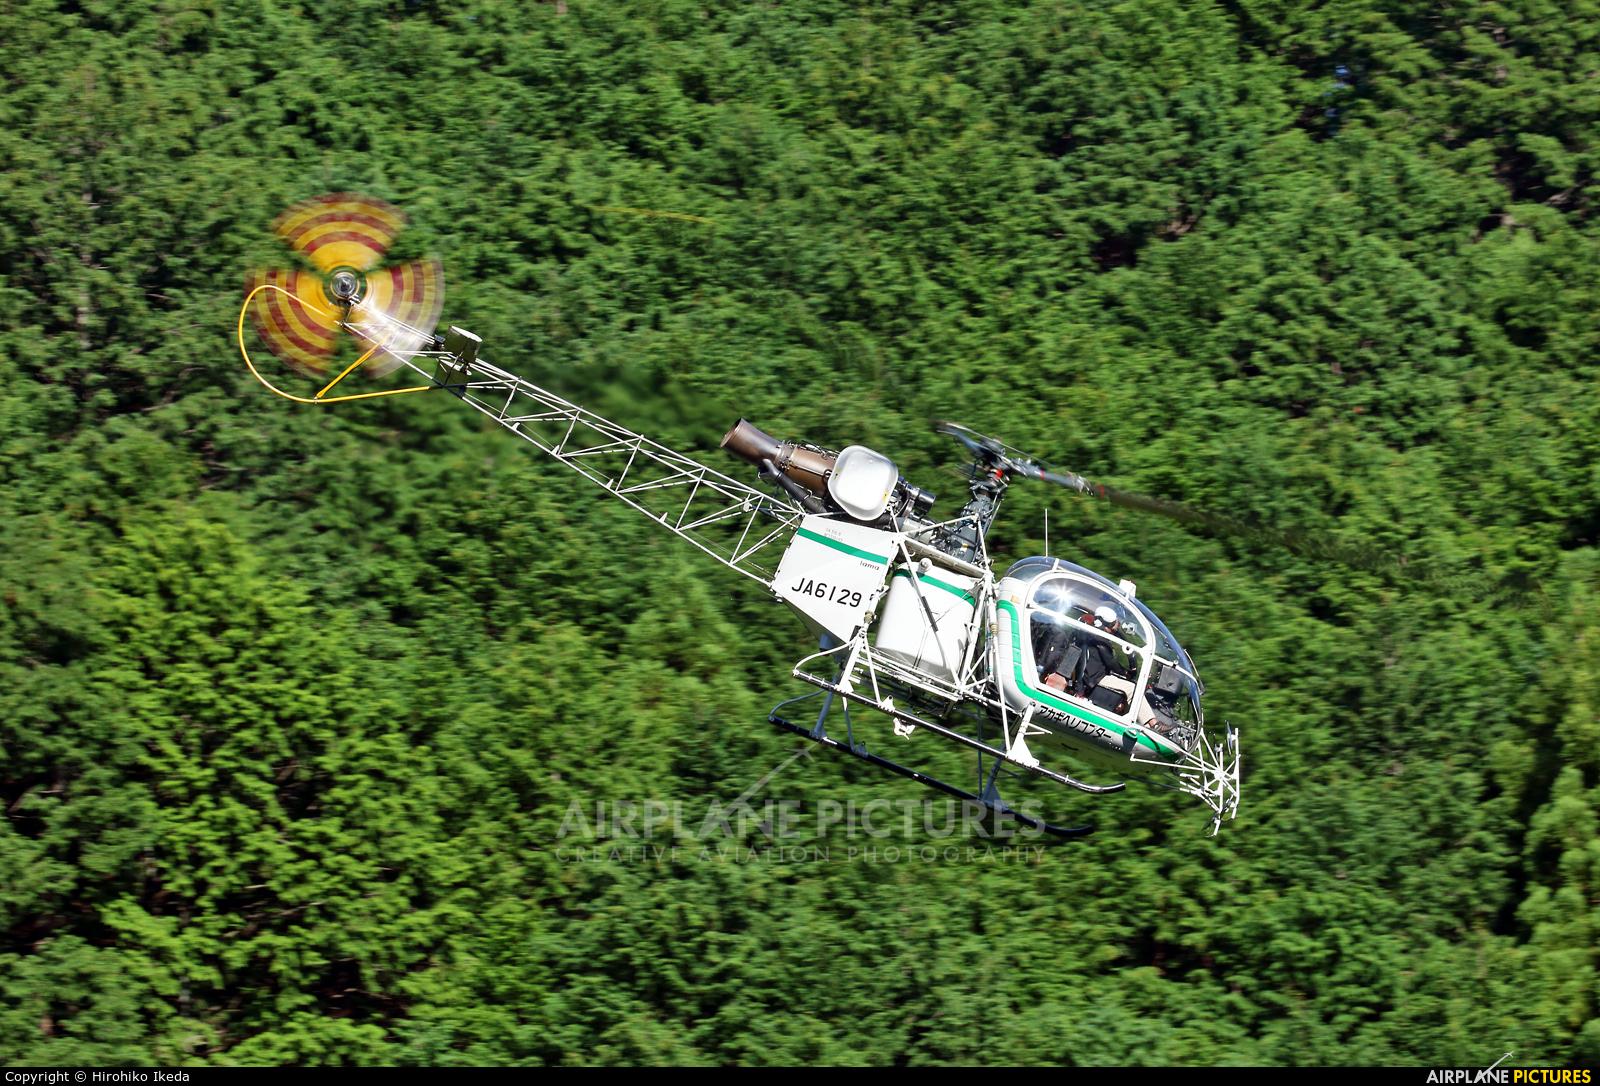 Akagi Helicopter JA6129 aircraft at Off Airport - Japan